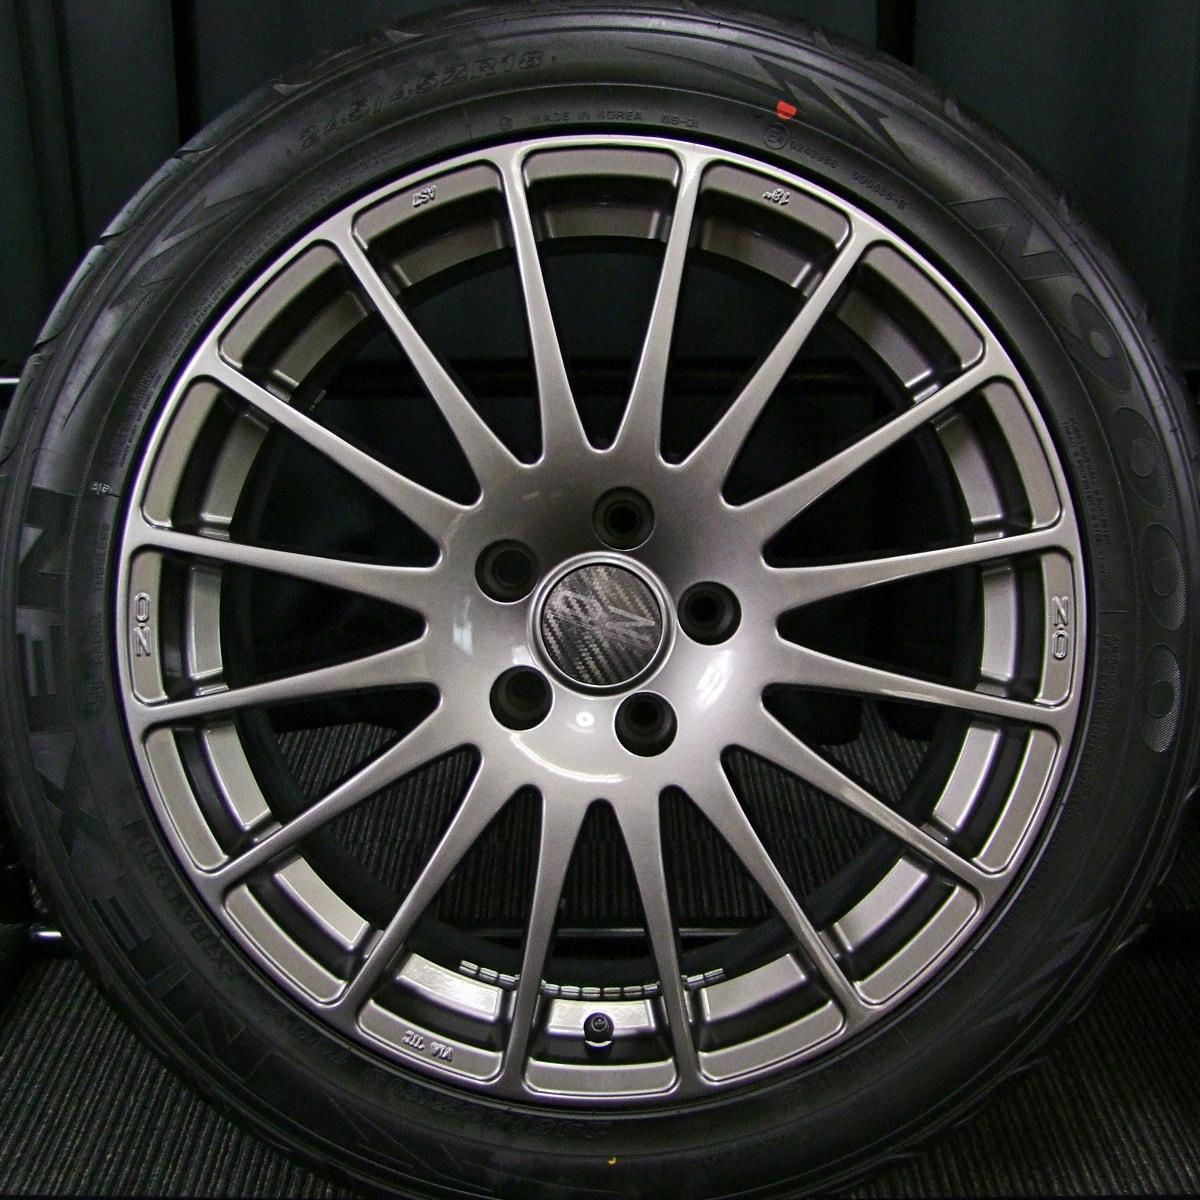 OZ SUPERTURISMO GT ガンメタ NEXEN N9000 245/45ZR18 4本SET